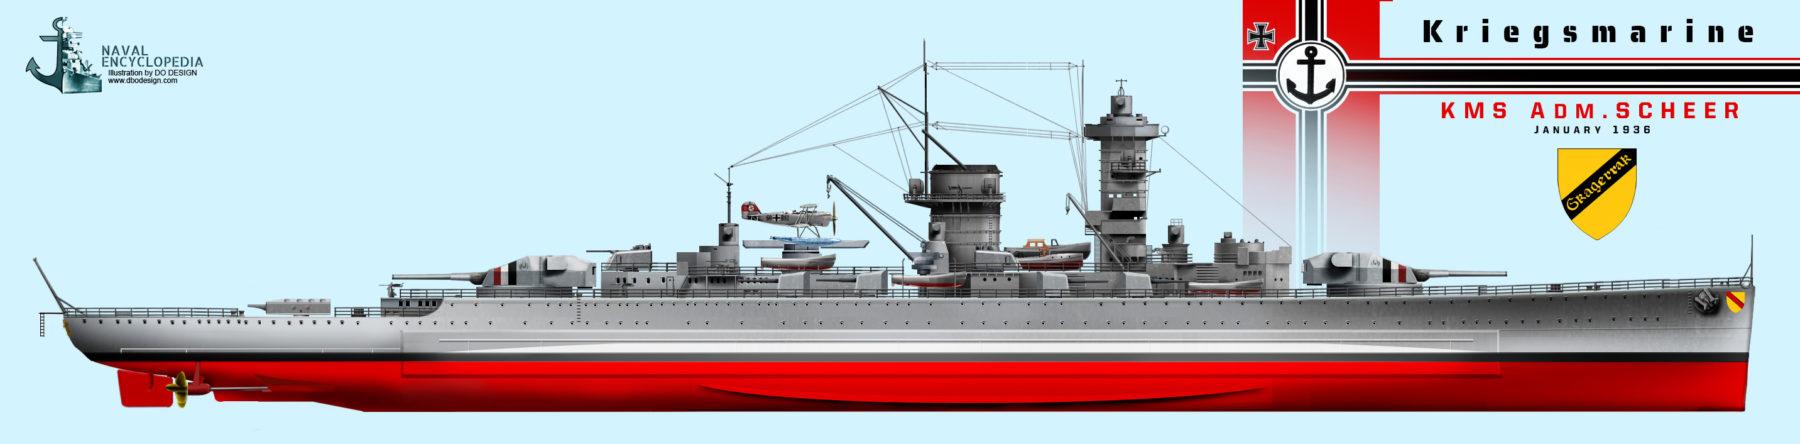 KMS Admiral Scheer, 1936